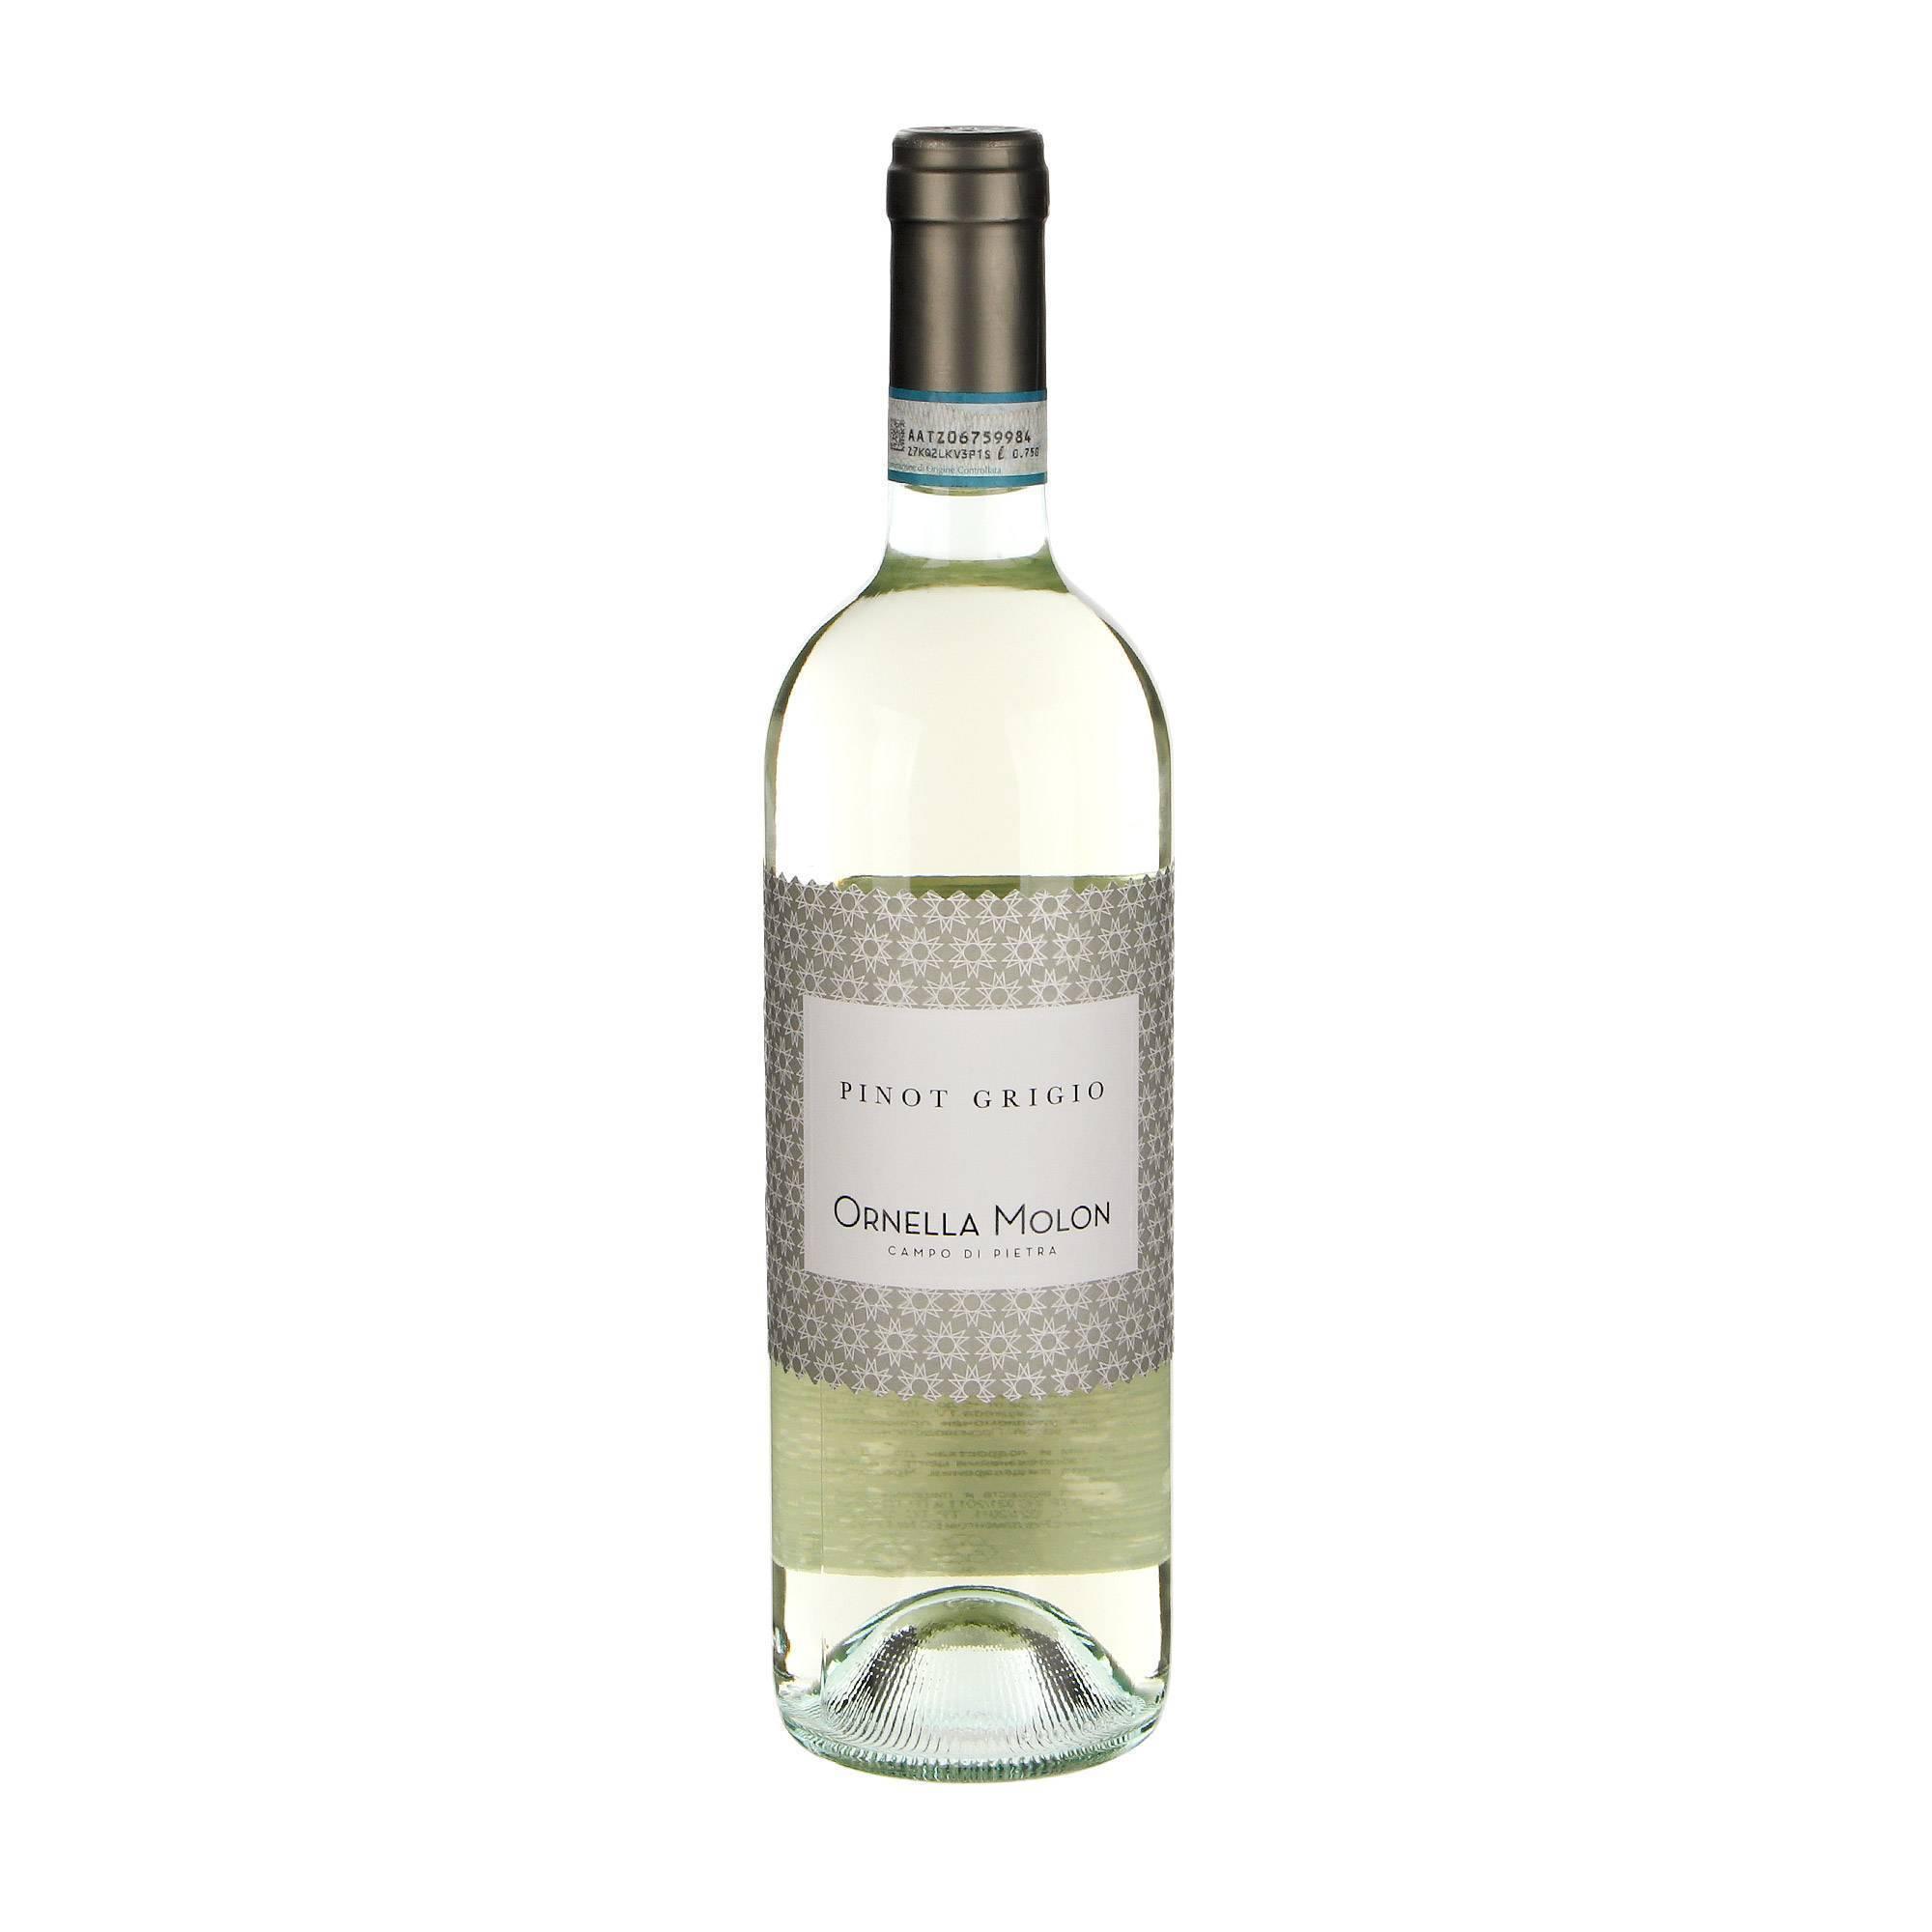 Пино гриджио – белое сухое вино из италии